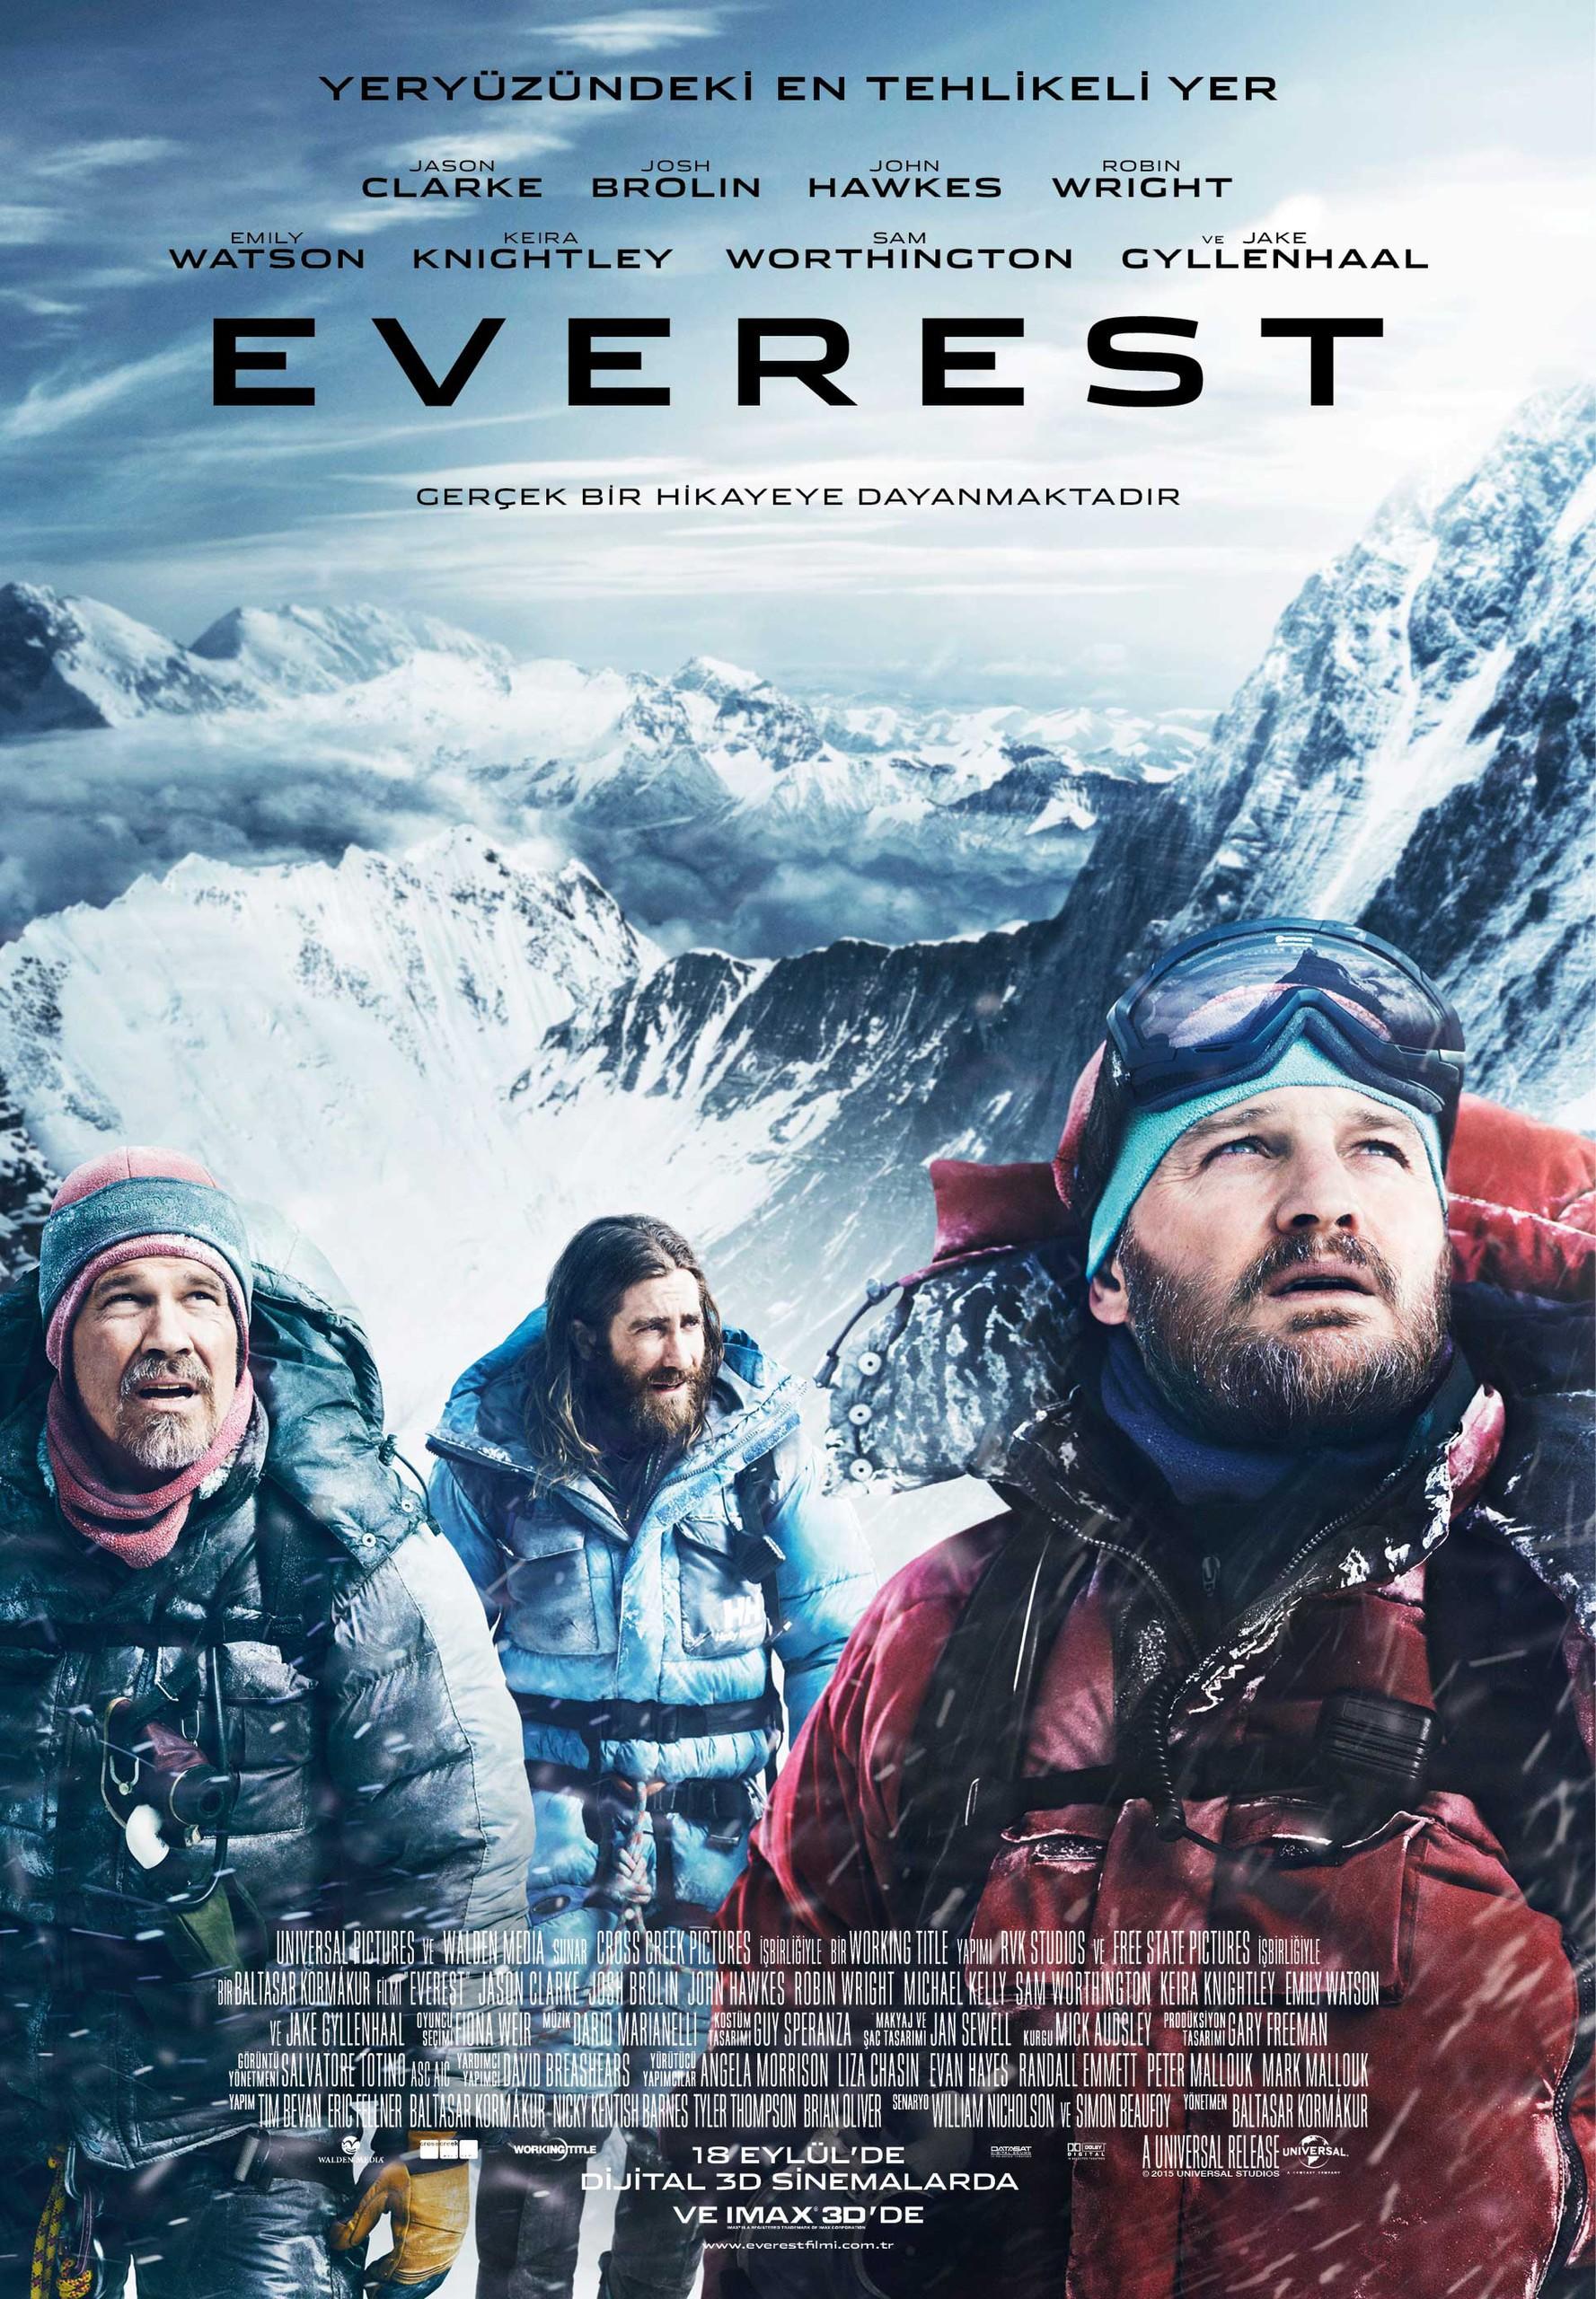 Everest 2015 HDRip XviD AC3 Türkçe Altyazı – Tek Link